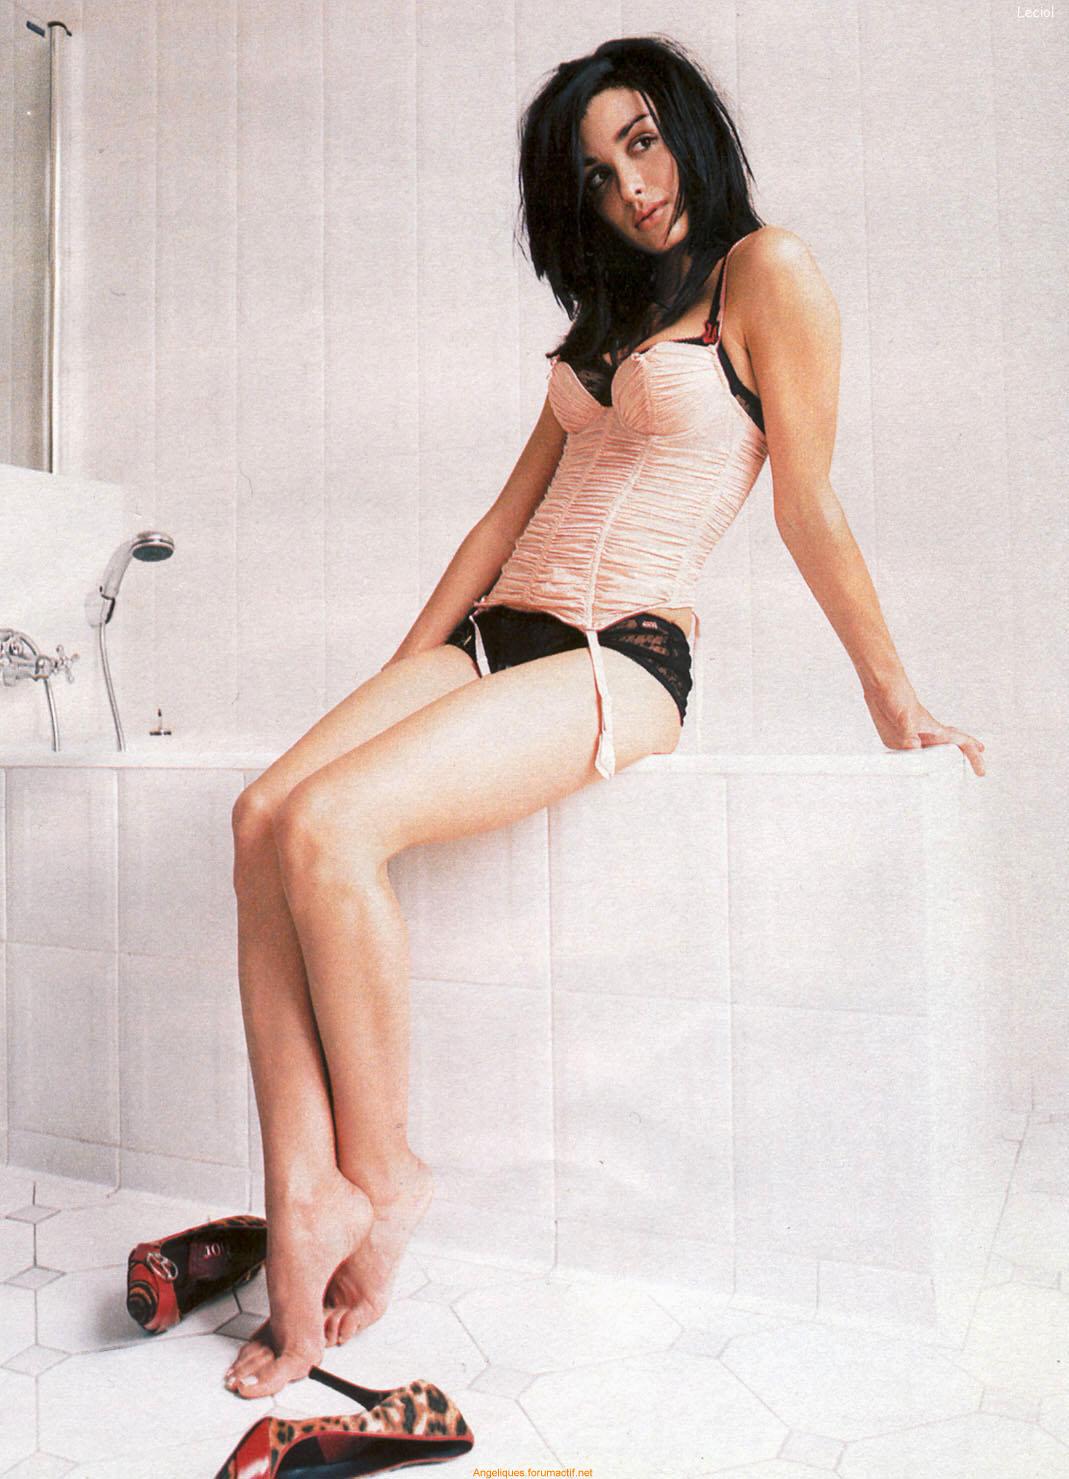 http://1.bp.blogspot.com/_UaLWp72nij4/S9dKuiZFccI/AAAAAAAAIzA/7PhweGpl6n0/s1600/jenifer-bartoli-feet.jpg